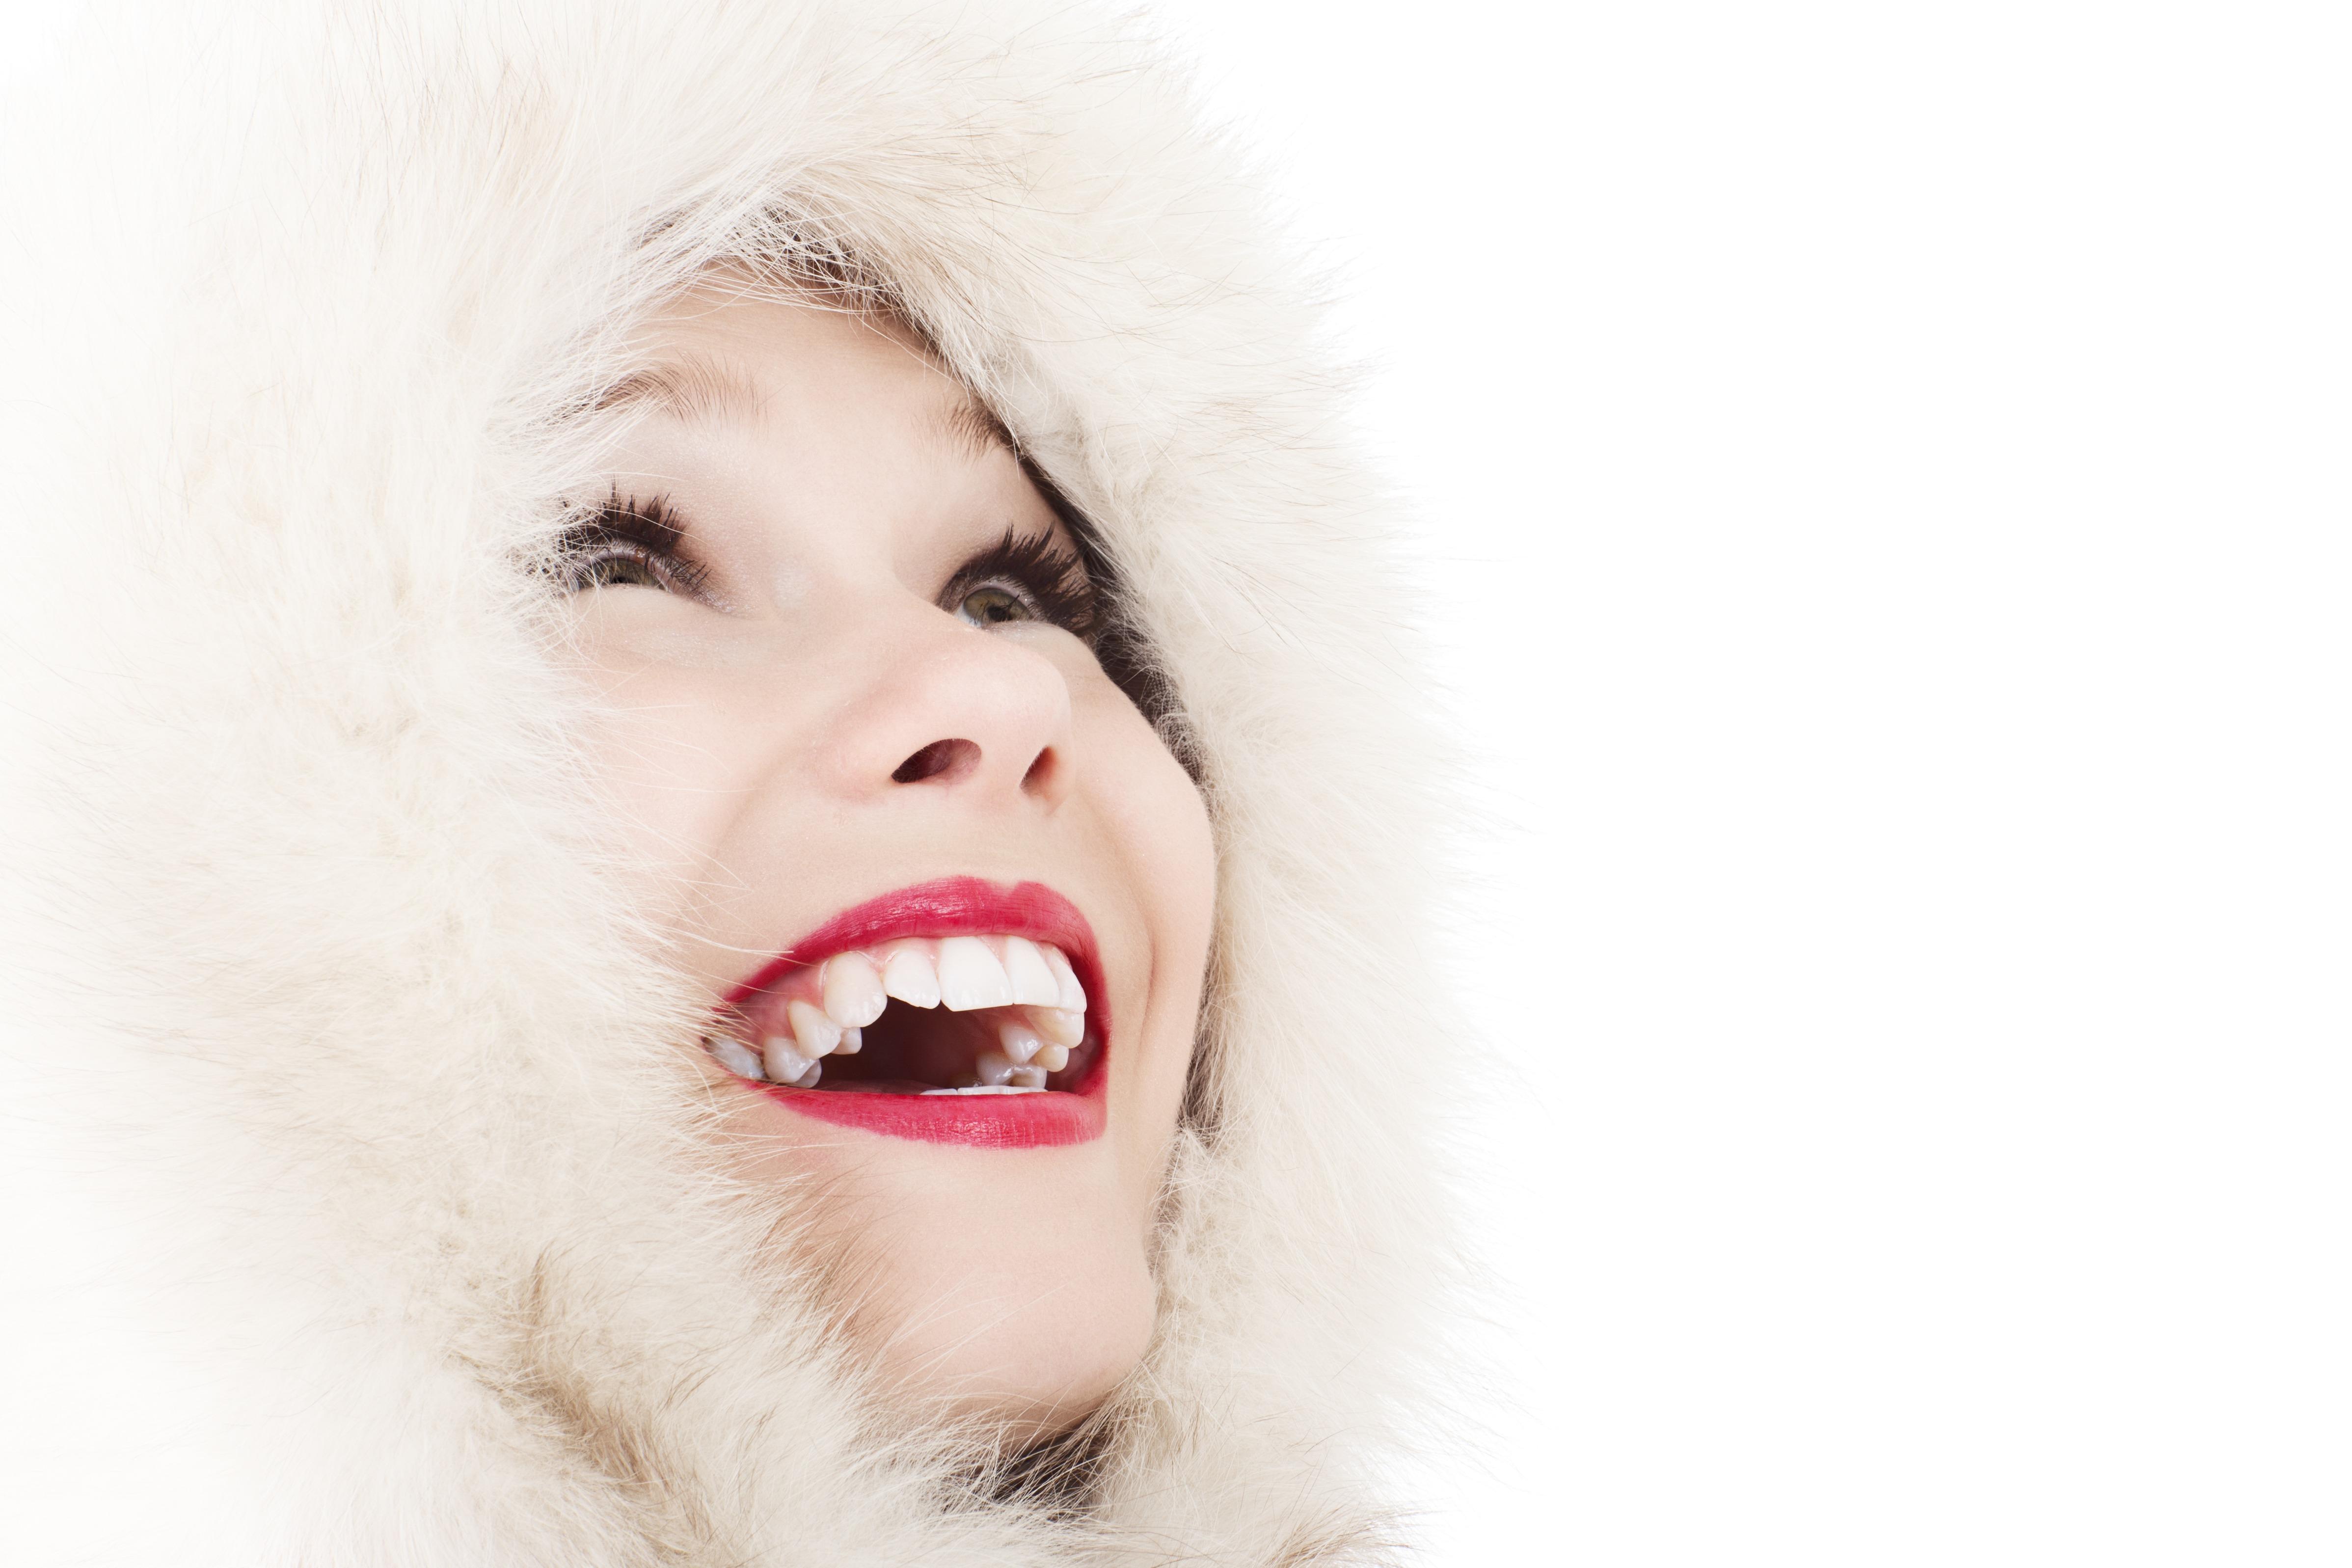 Kostenlose foto : Person, kalt, Winter, Menschen, Mädchen, Frau ...